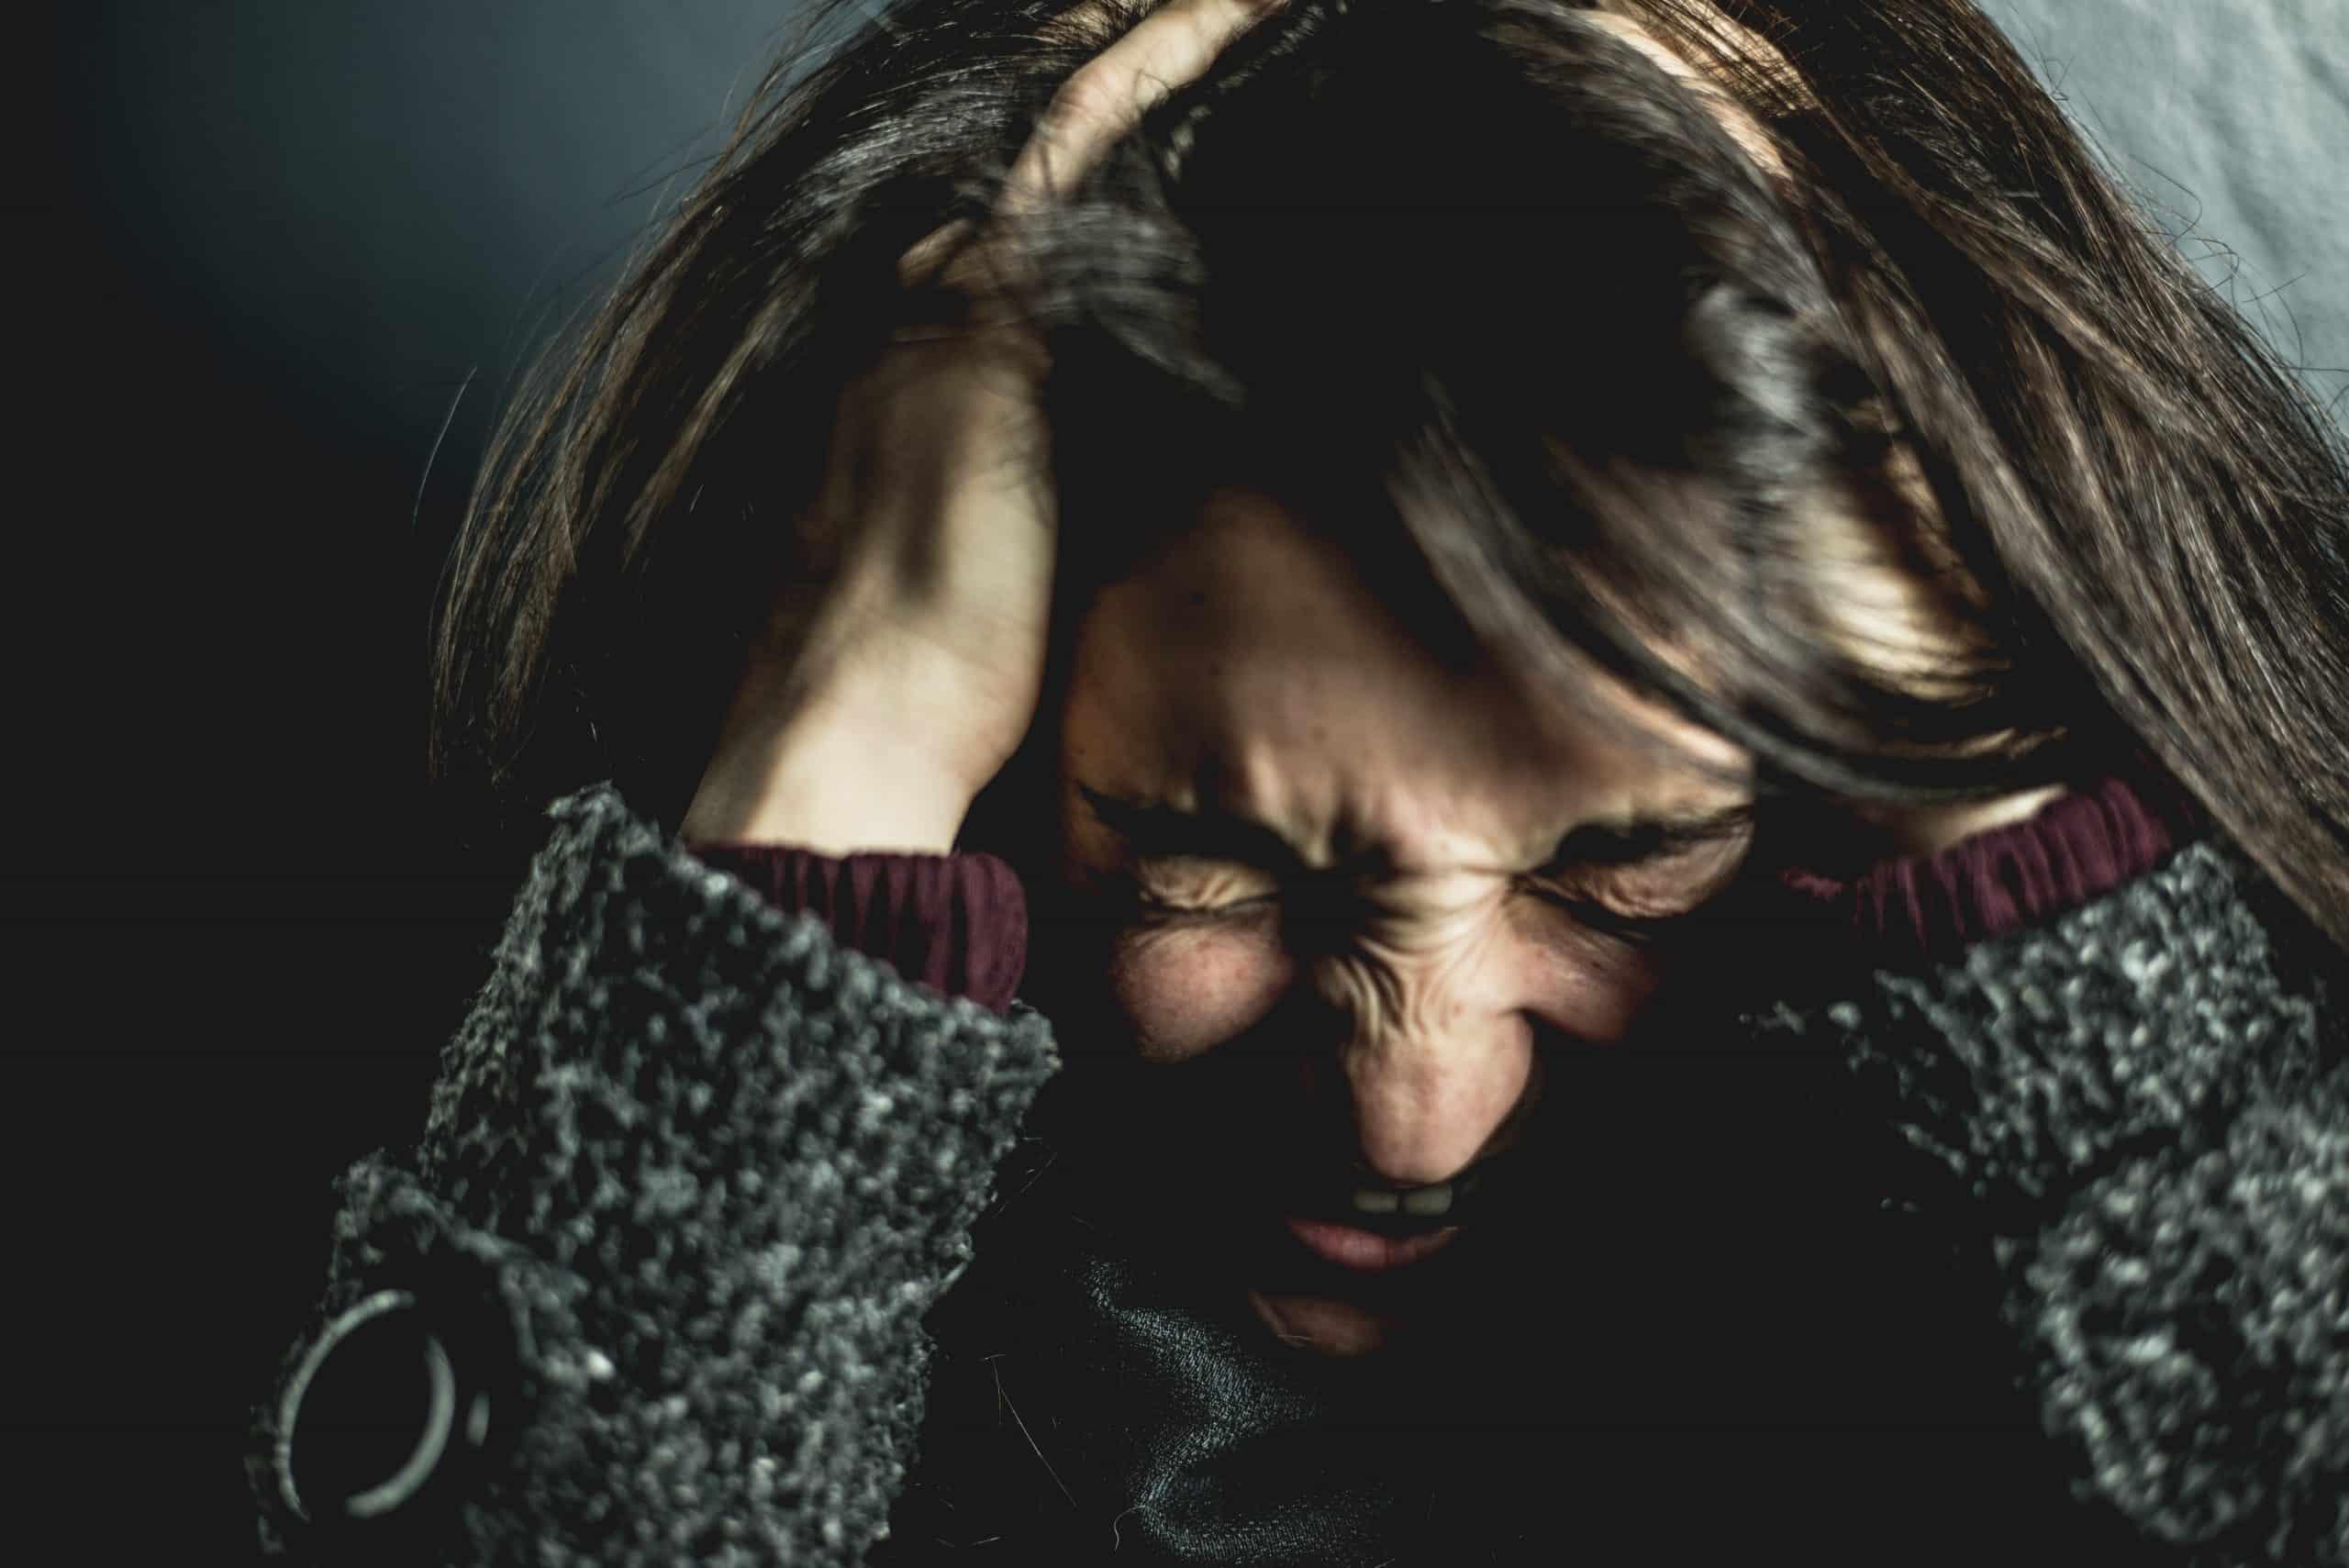 Mulher com mãos na cabeça e expressão de estresse